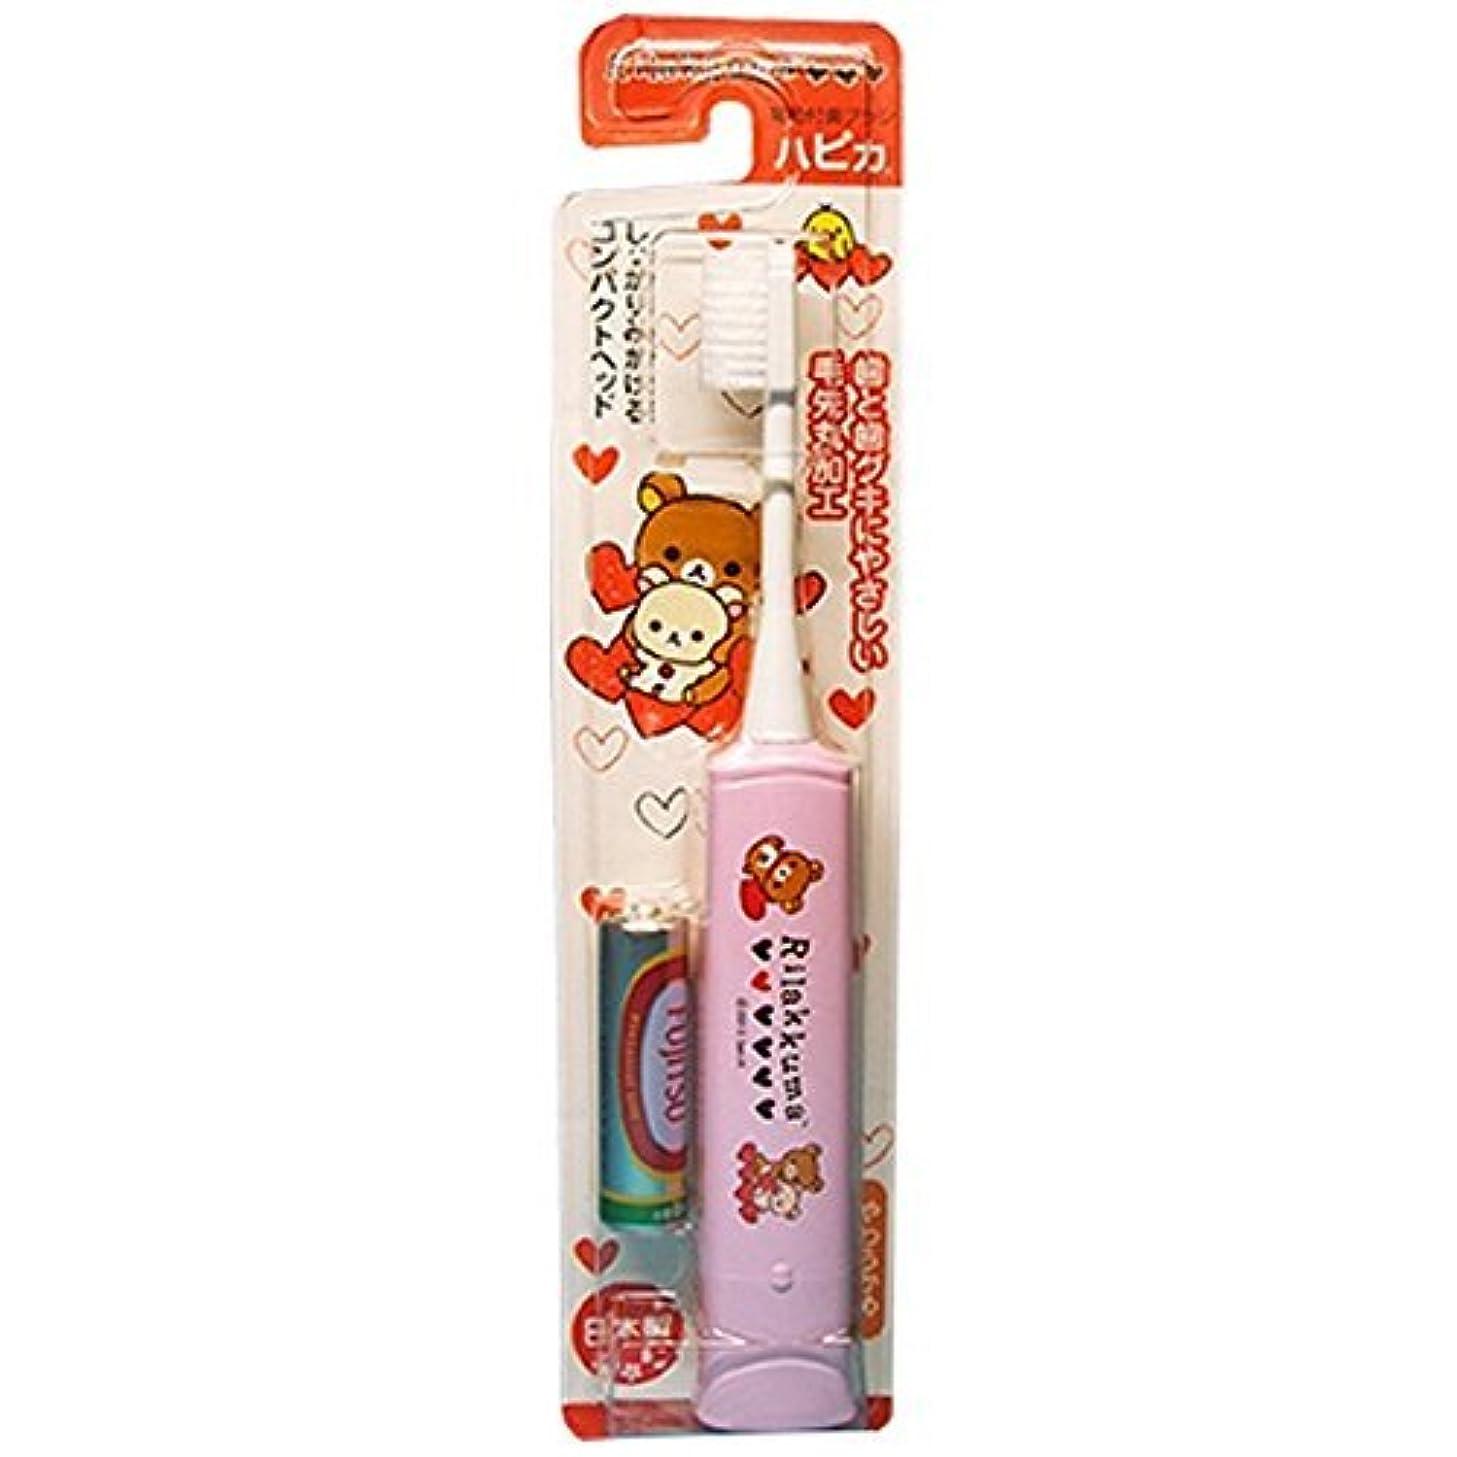 物理的にルーチン頼るミニマム 電動付歯ブラシ リラックマハピカ ピンク 毛の硬さ:やわらかめ DBM-5P(RK)